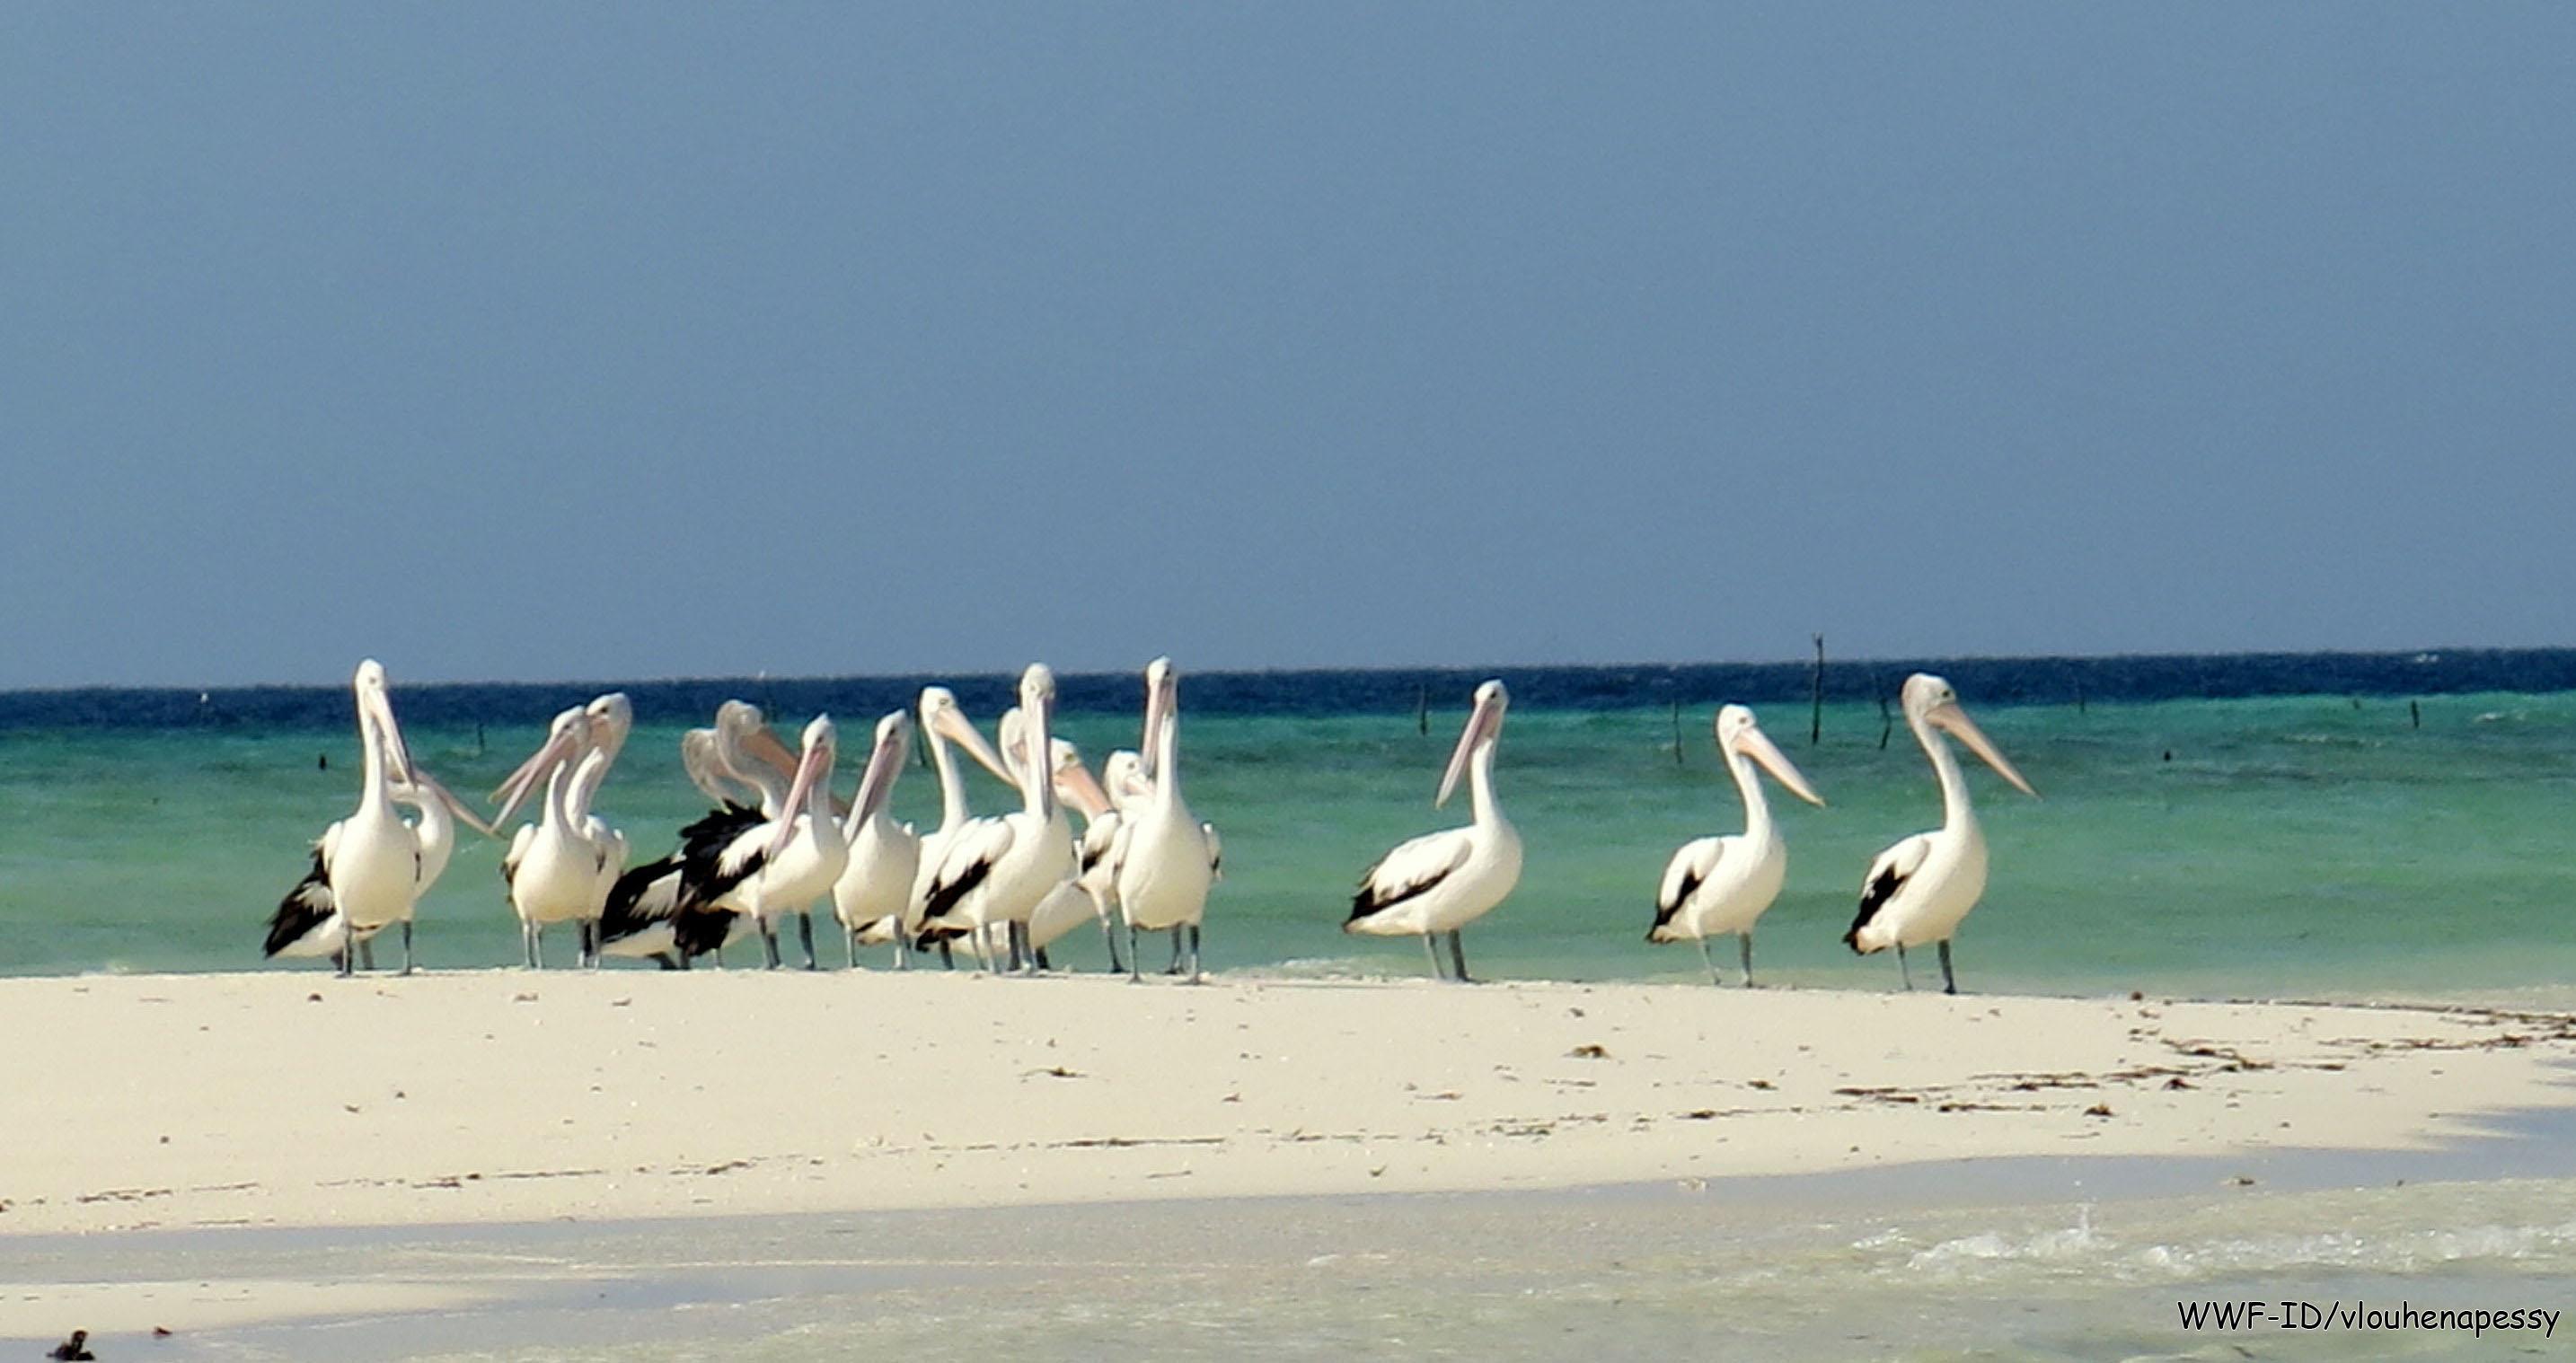 Burung Pelikan Australia di Pulau Ngur Tafur